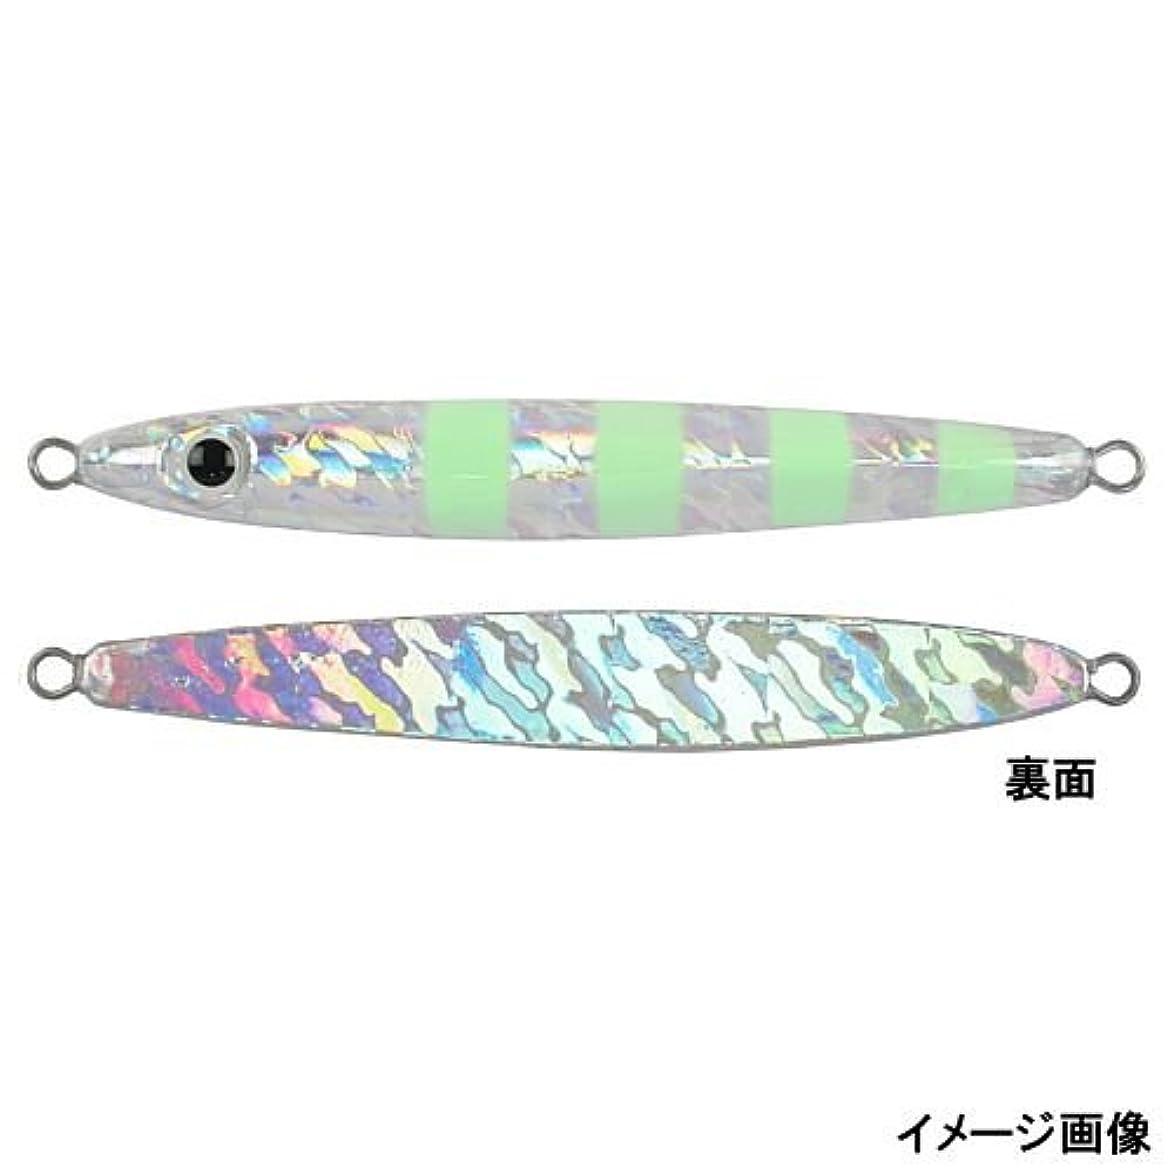 爪武器手入れマルシン漁具 スロースティック 150g (スロージギング メタルジグ) シルバー